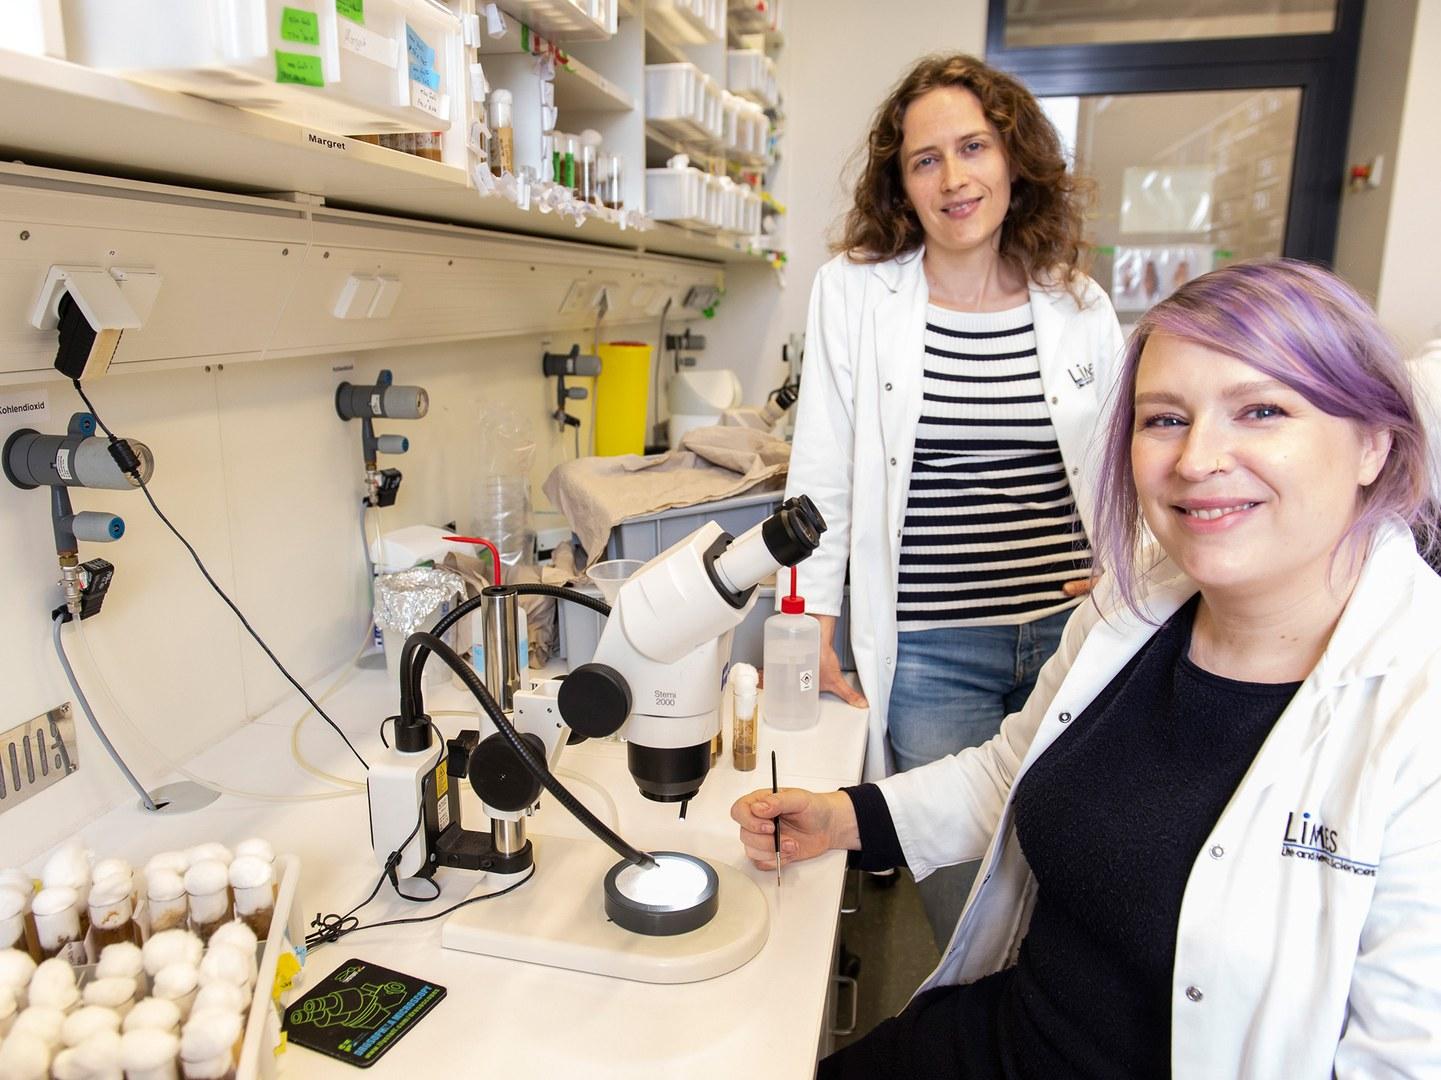 Dr. Margret Bülow (left) and Dr. Julia Sellin